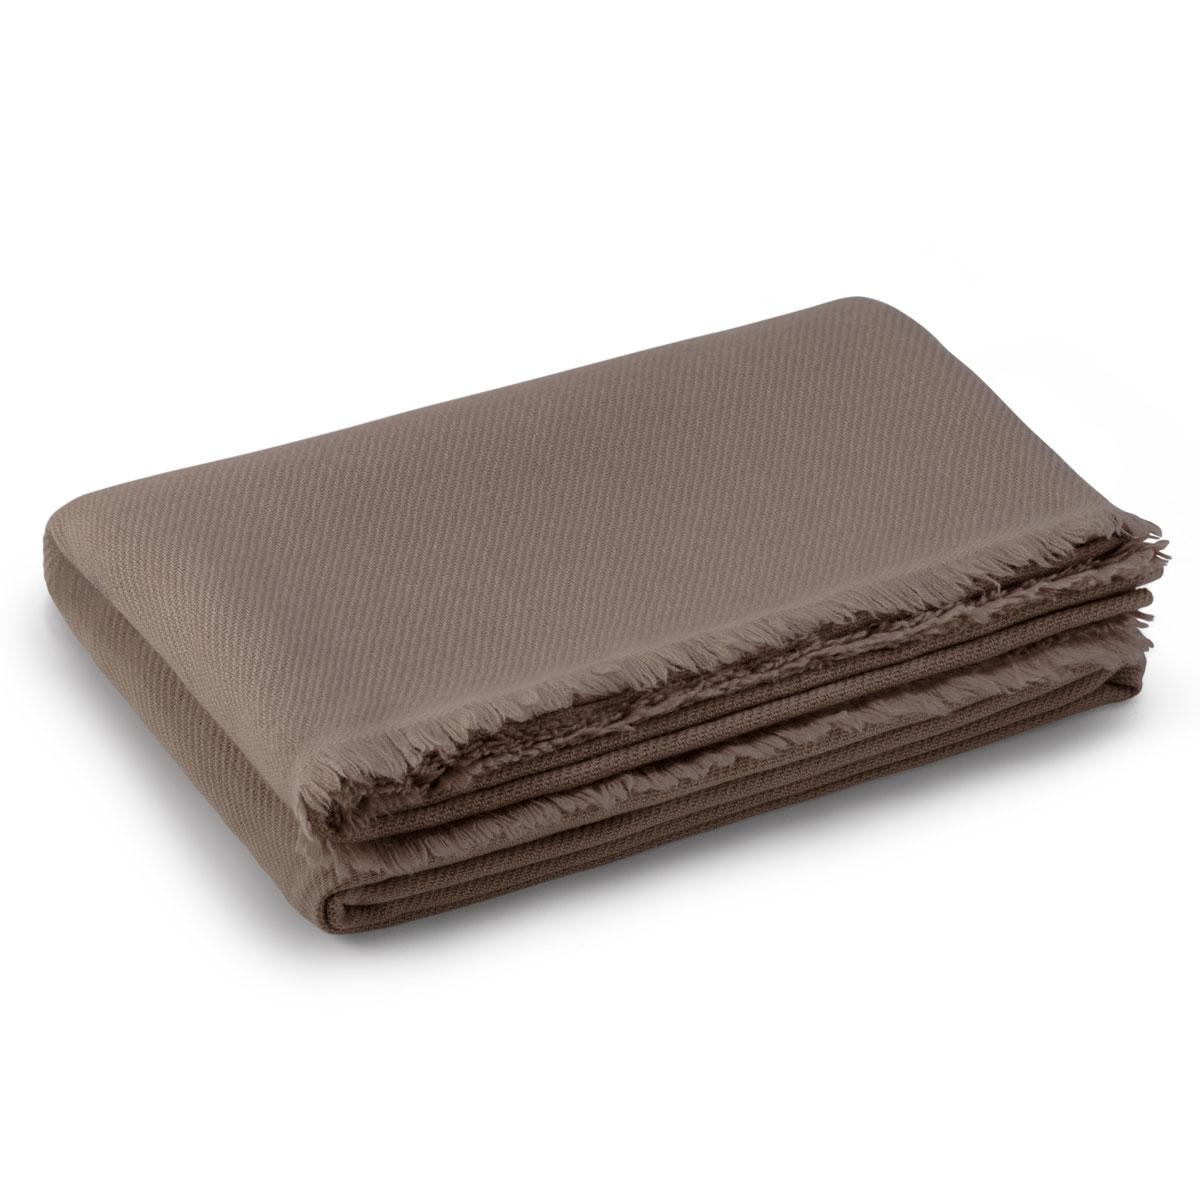 Aerin Noe Cashmere Cinder Throw Blanket